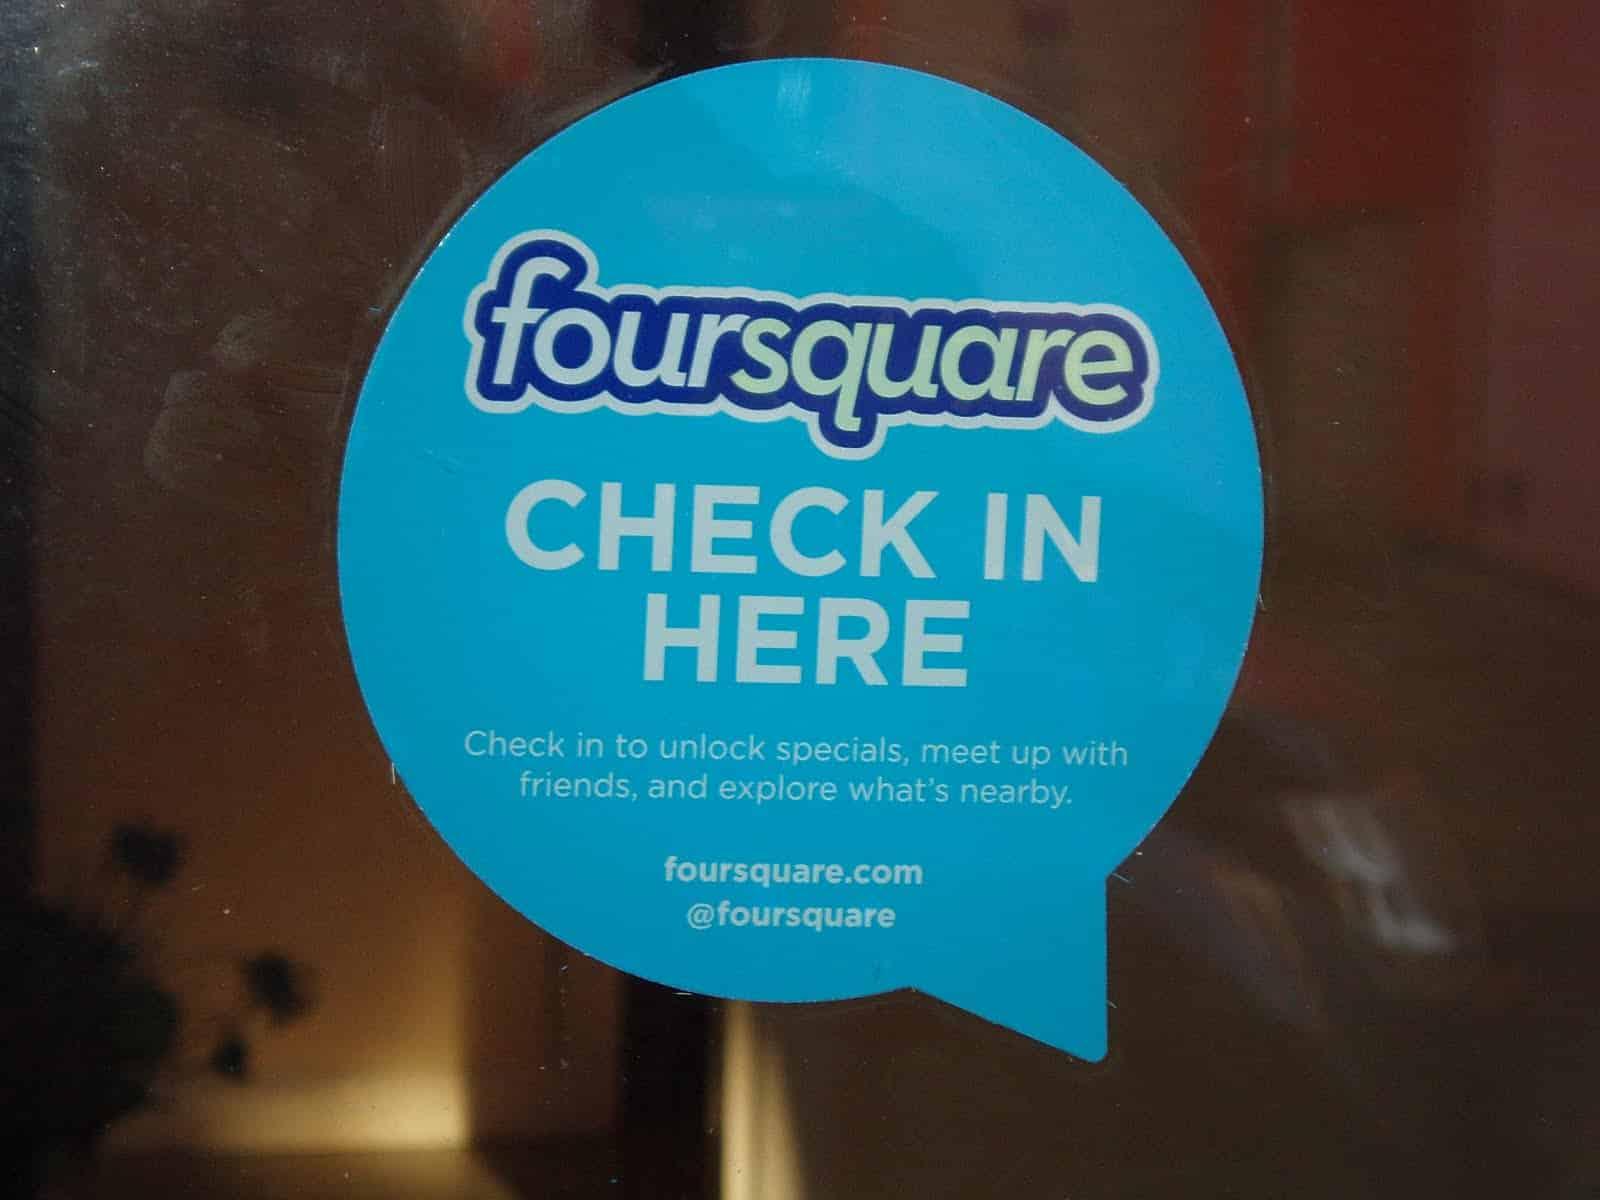 Microsoft tendrá acceso a datos de los usuarios de Foursquare que el resto del público no tiene.